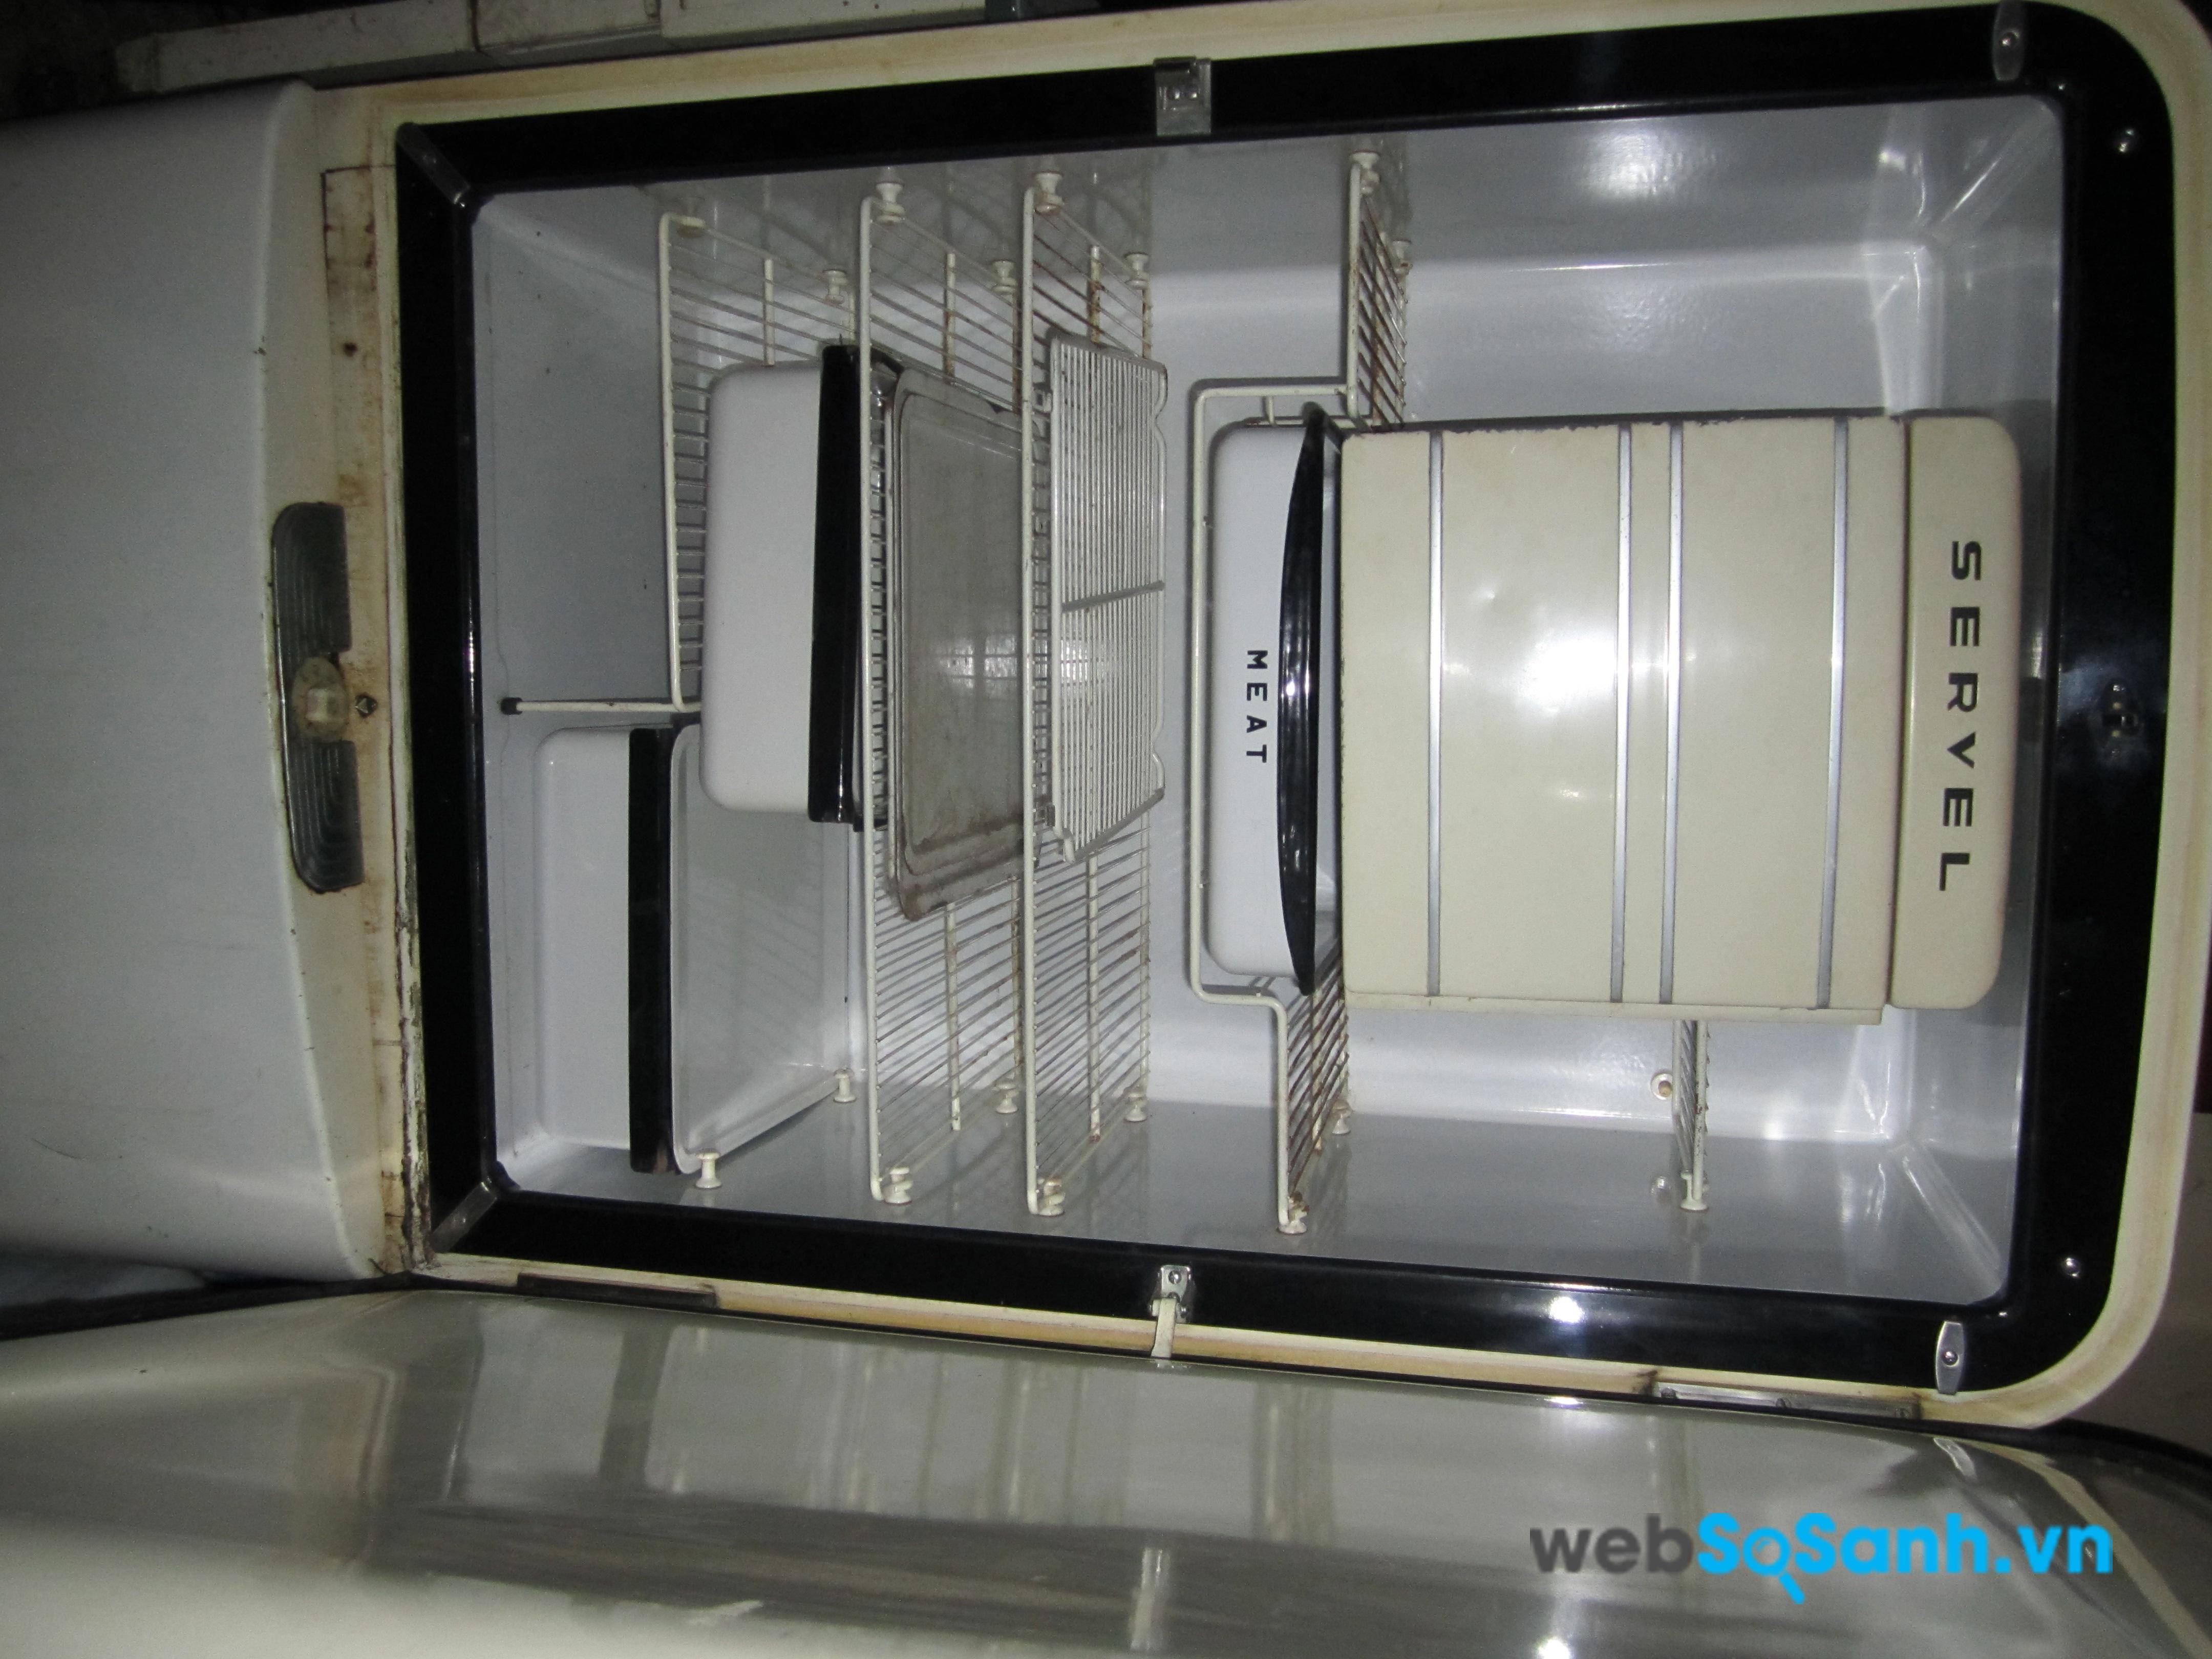 Những tủ lạnh cũ, sử dụng đã lâu hay bị mọt dàn dẫn đến việc hết gas